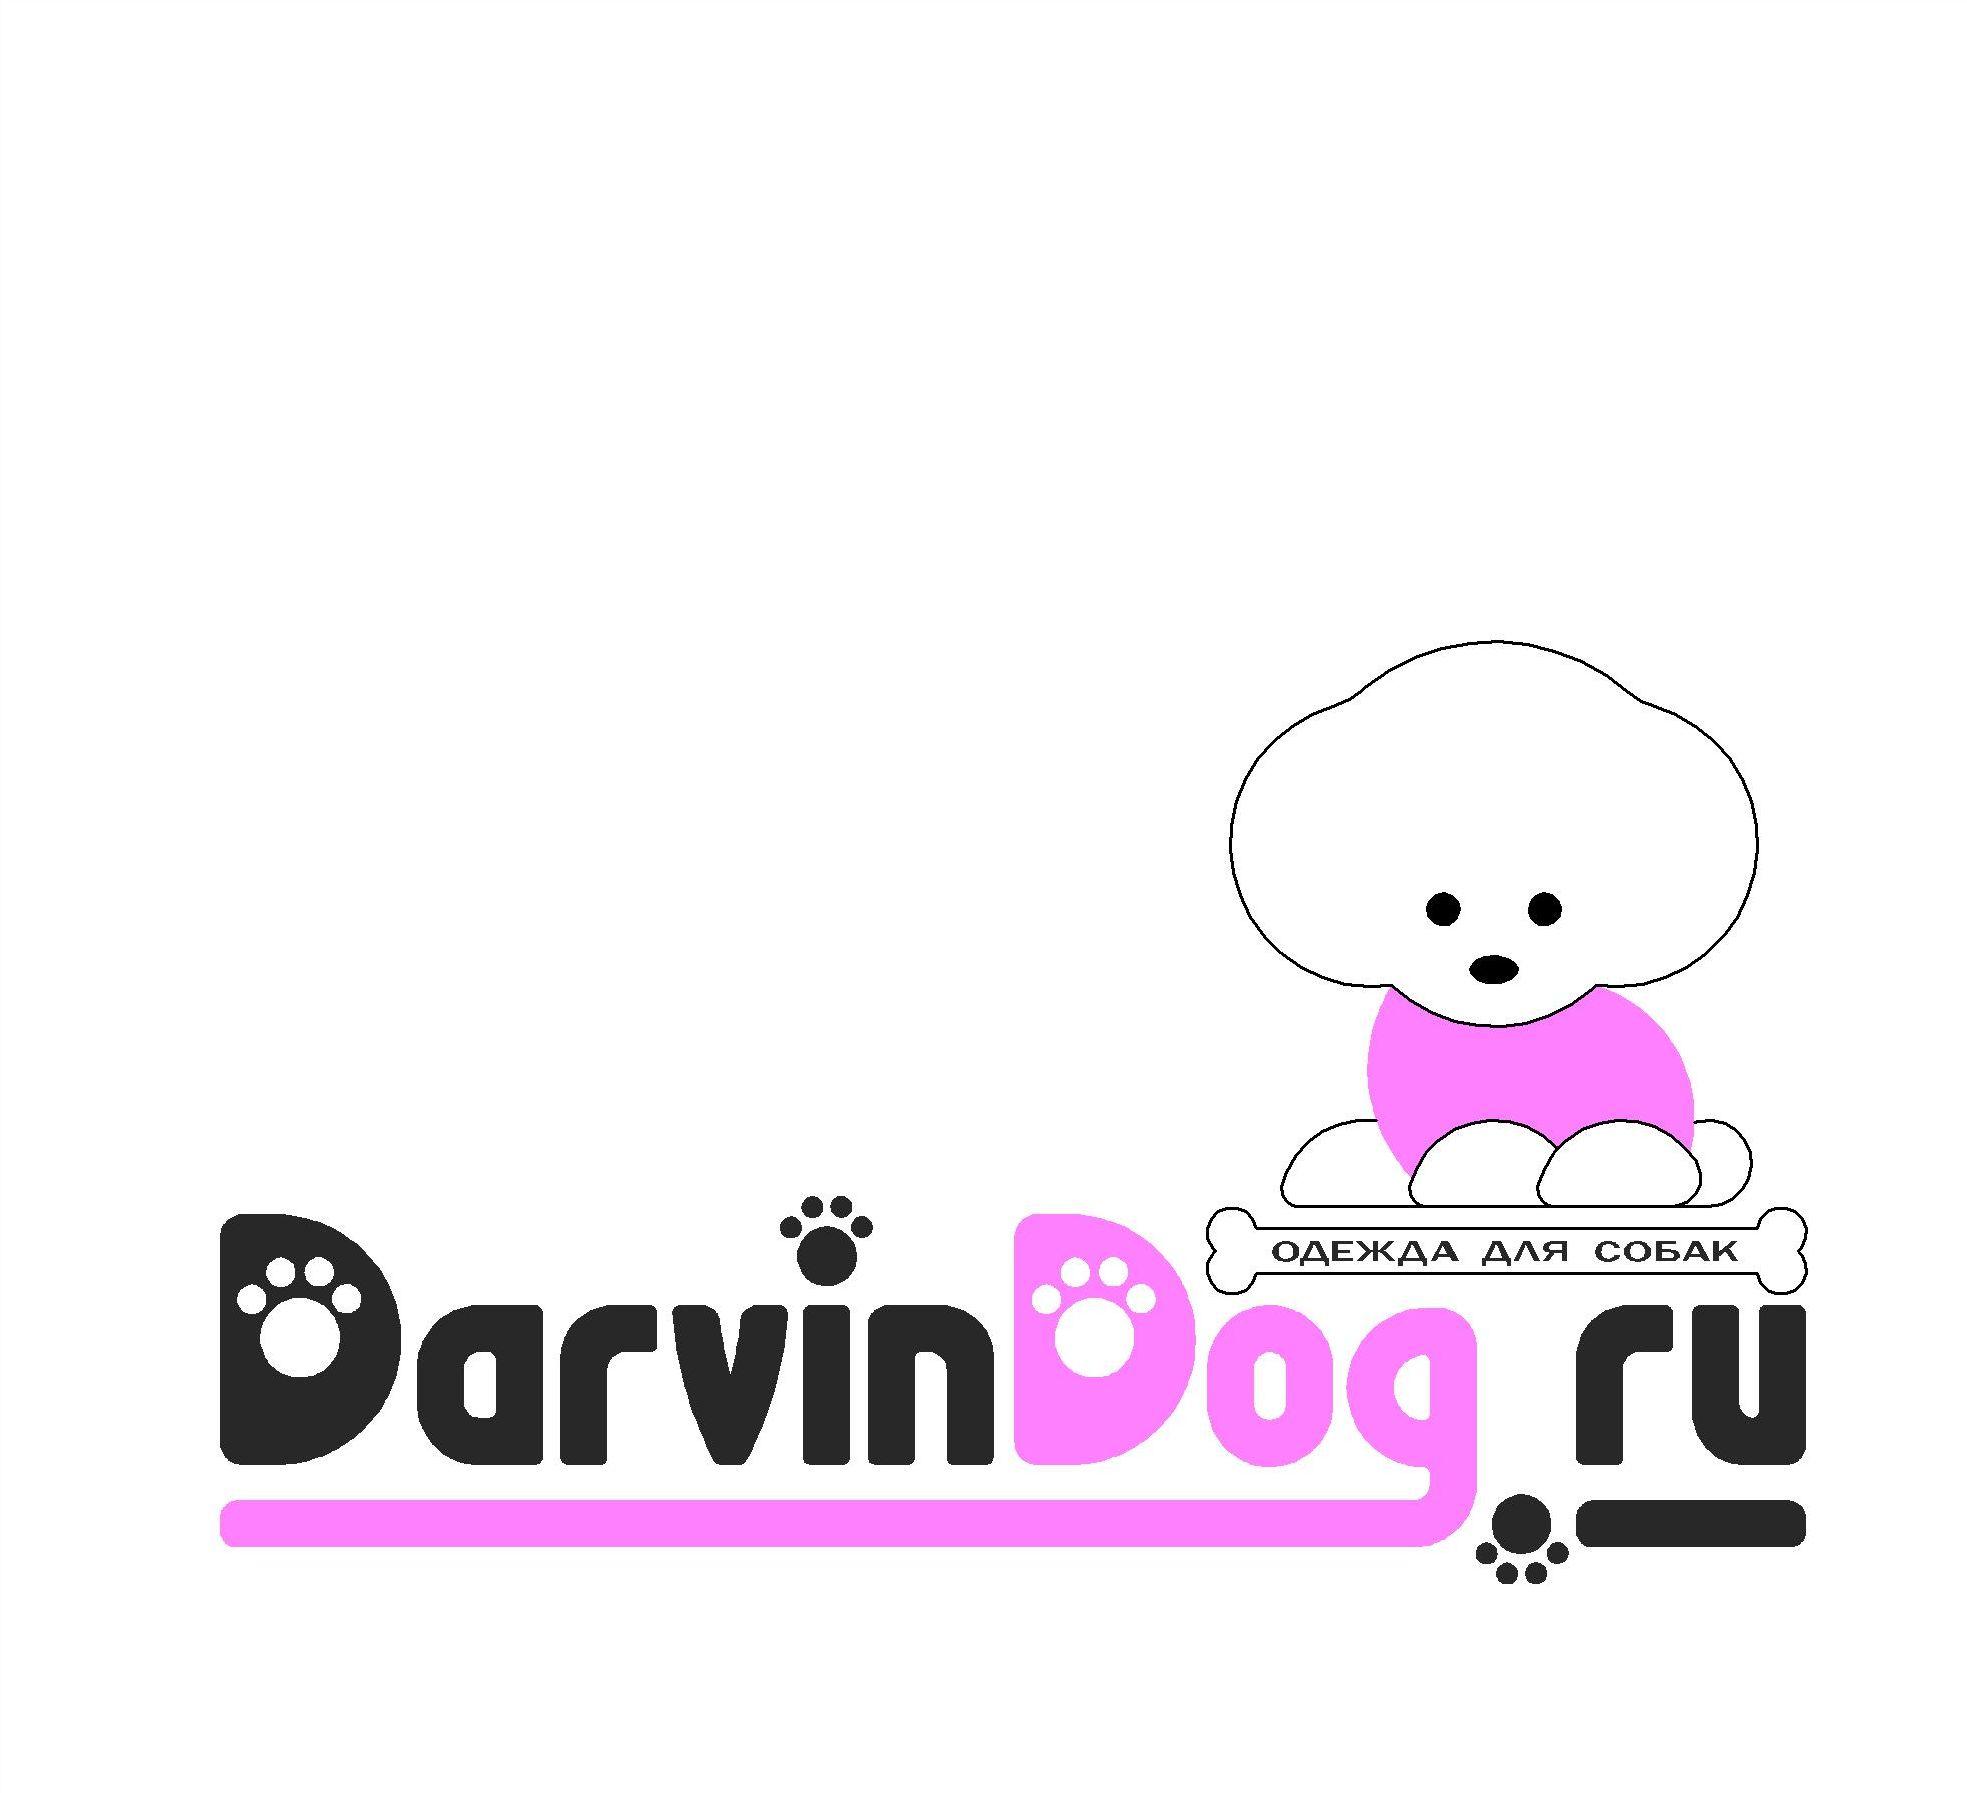 Создать логотип для интернет магазина одежды для собак фото f_623564c3ab1afbad.jpg